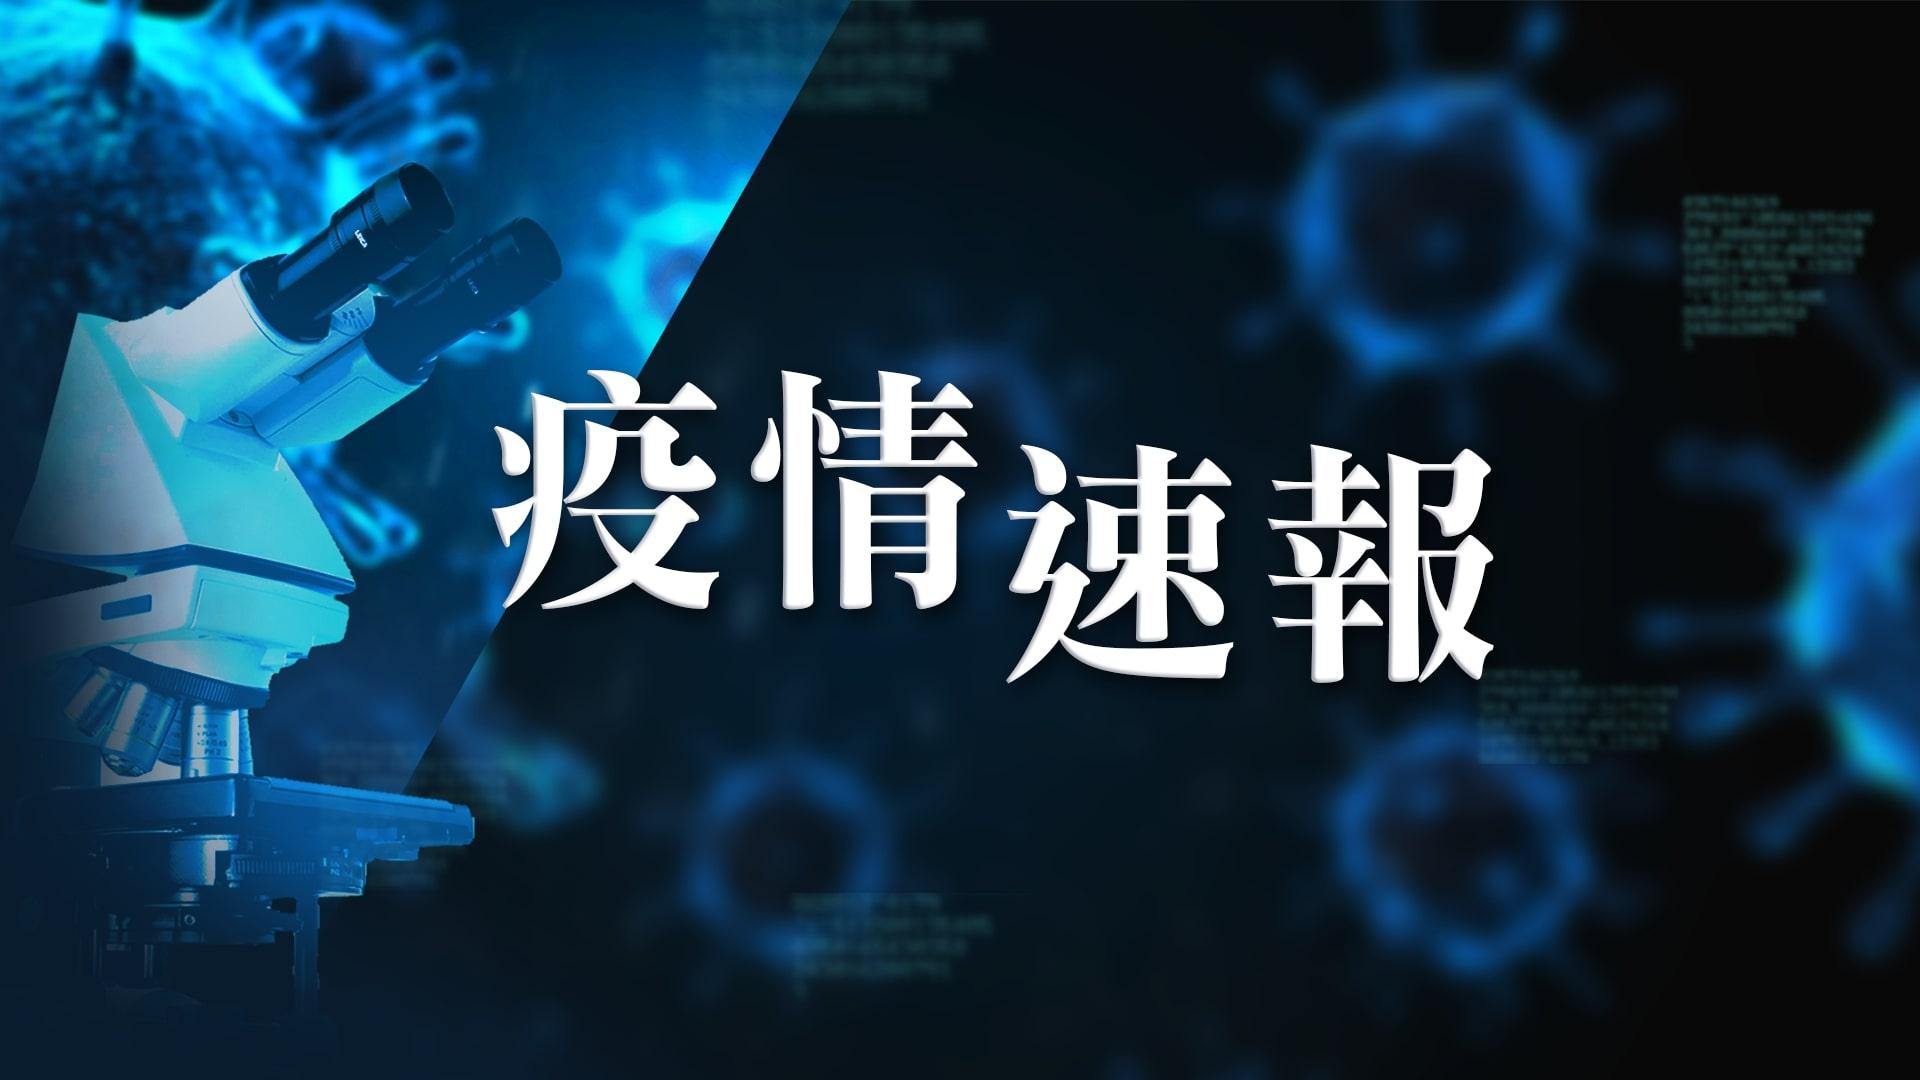 【3月10日疫情速報】(23:45)